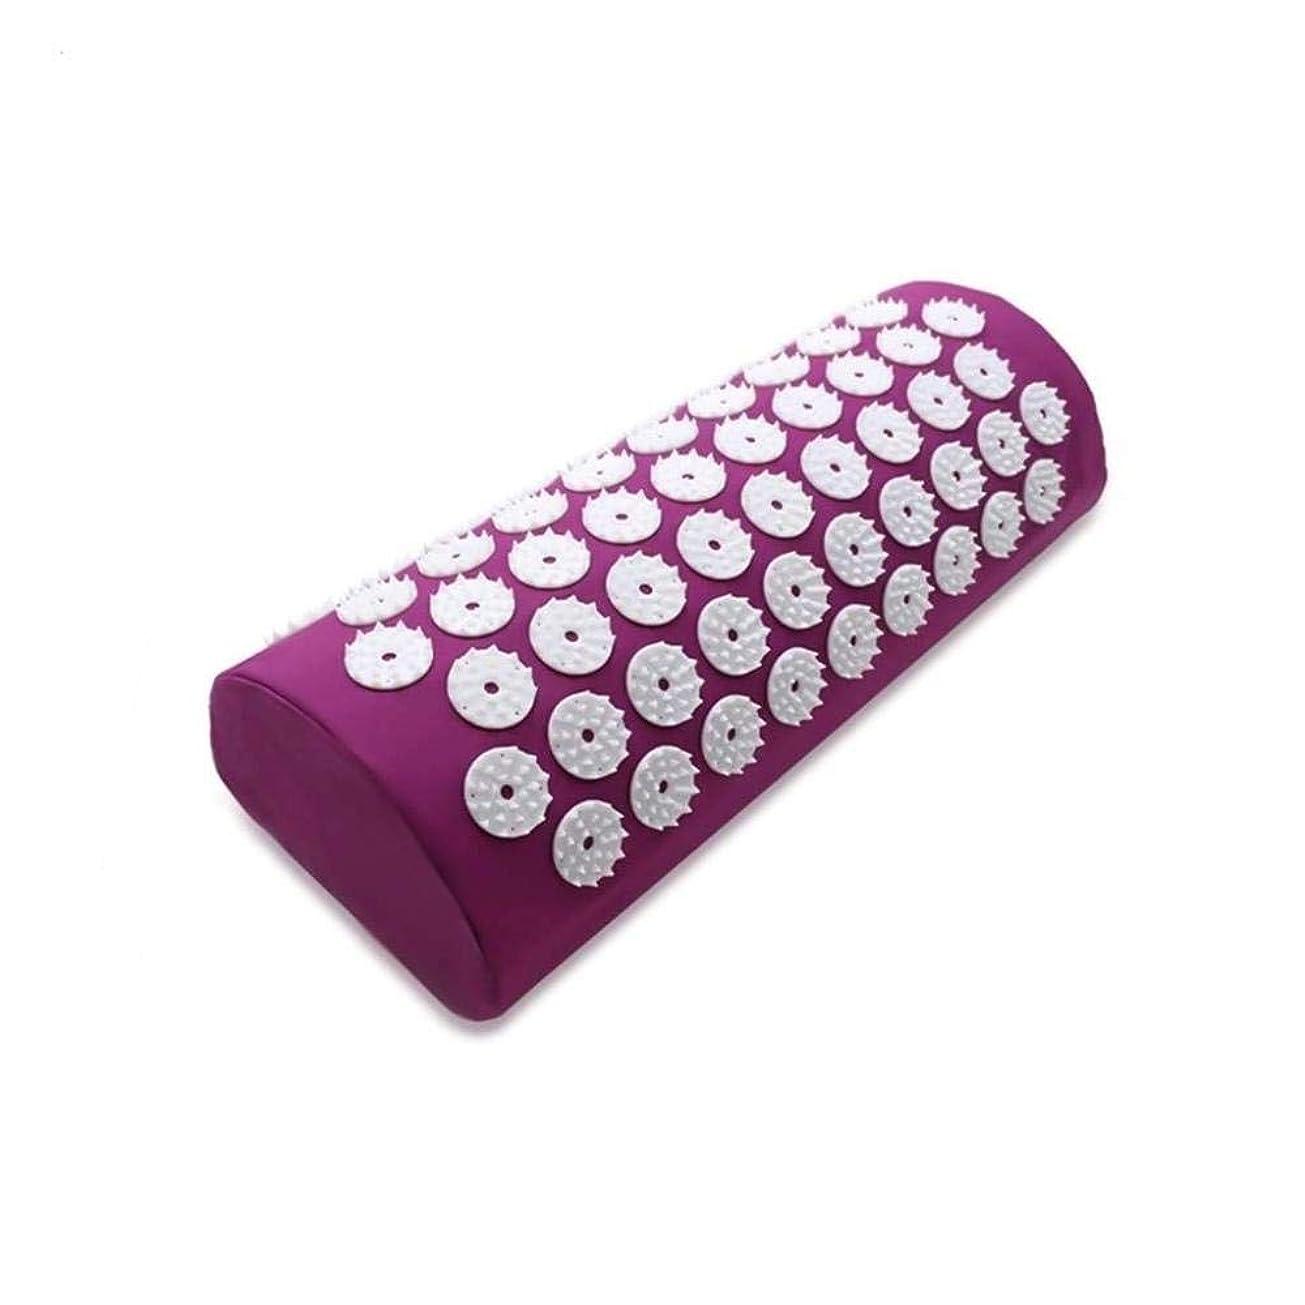 マッサージ少数国内の首、頭、肩のマッサージパッド用のオリジナル指圧枕-心地よいマッサージのためのマッサージ,Purple